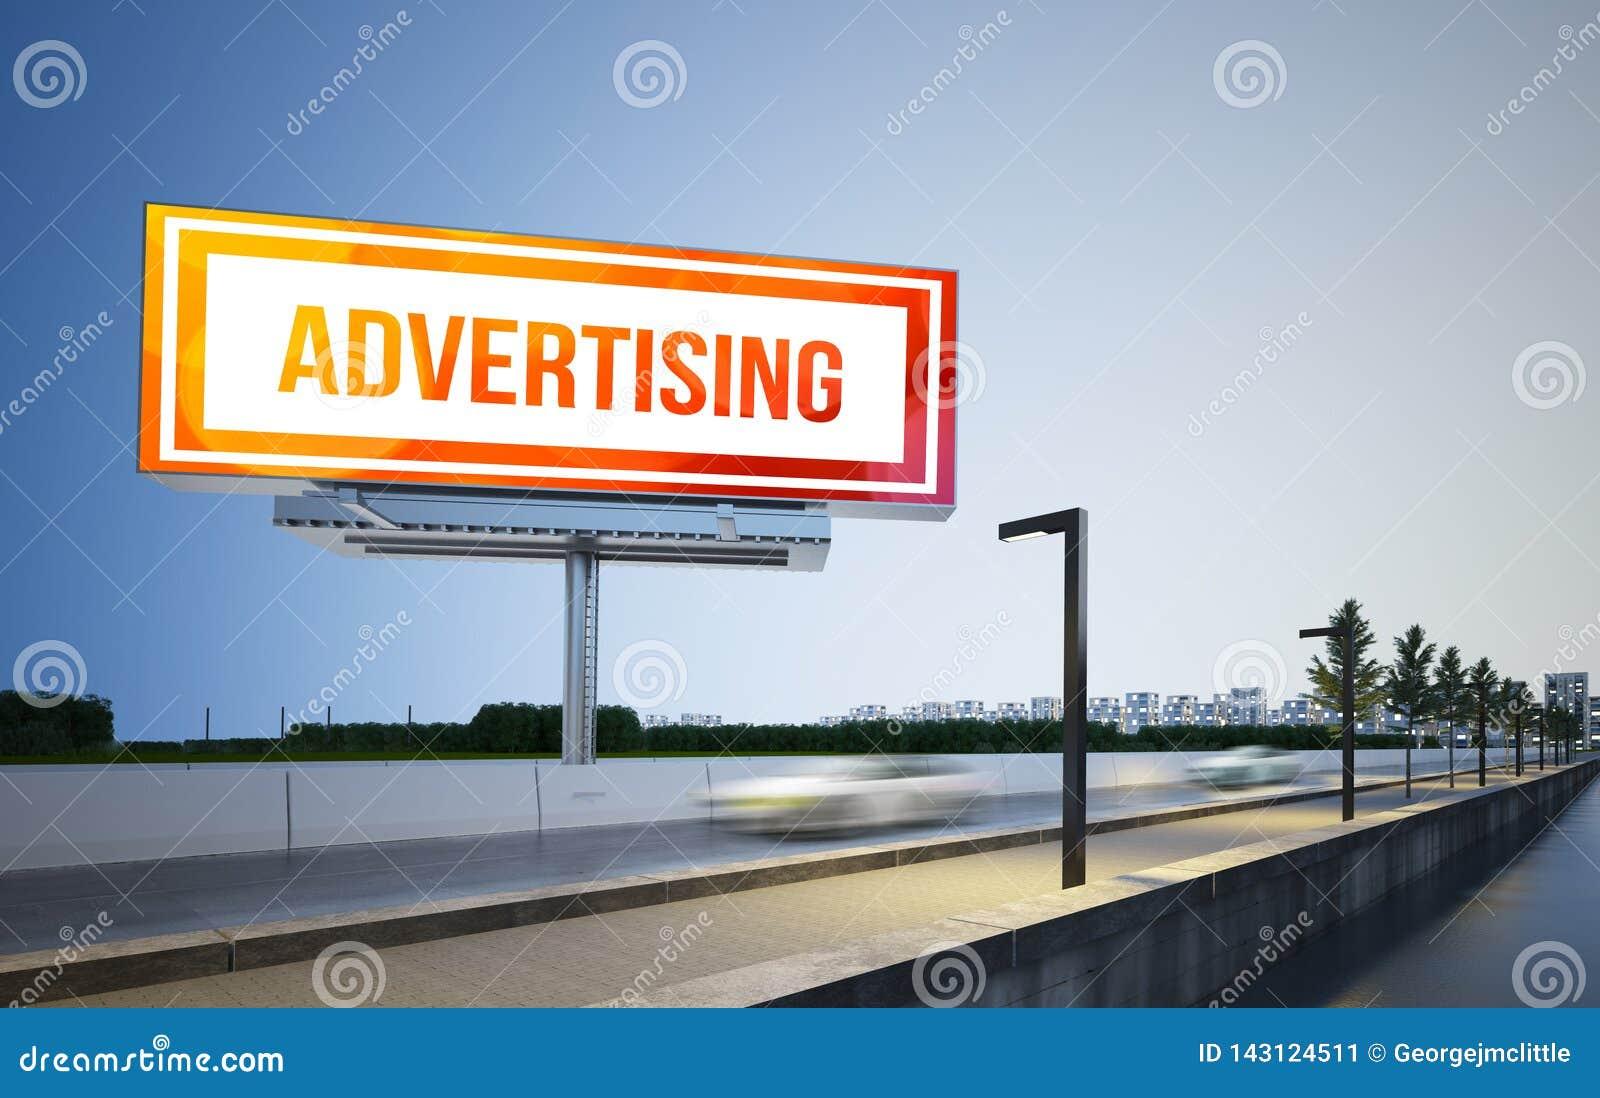 Werbungsanschlagtafelmodell auf Landstraße